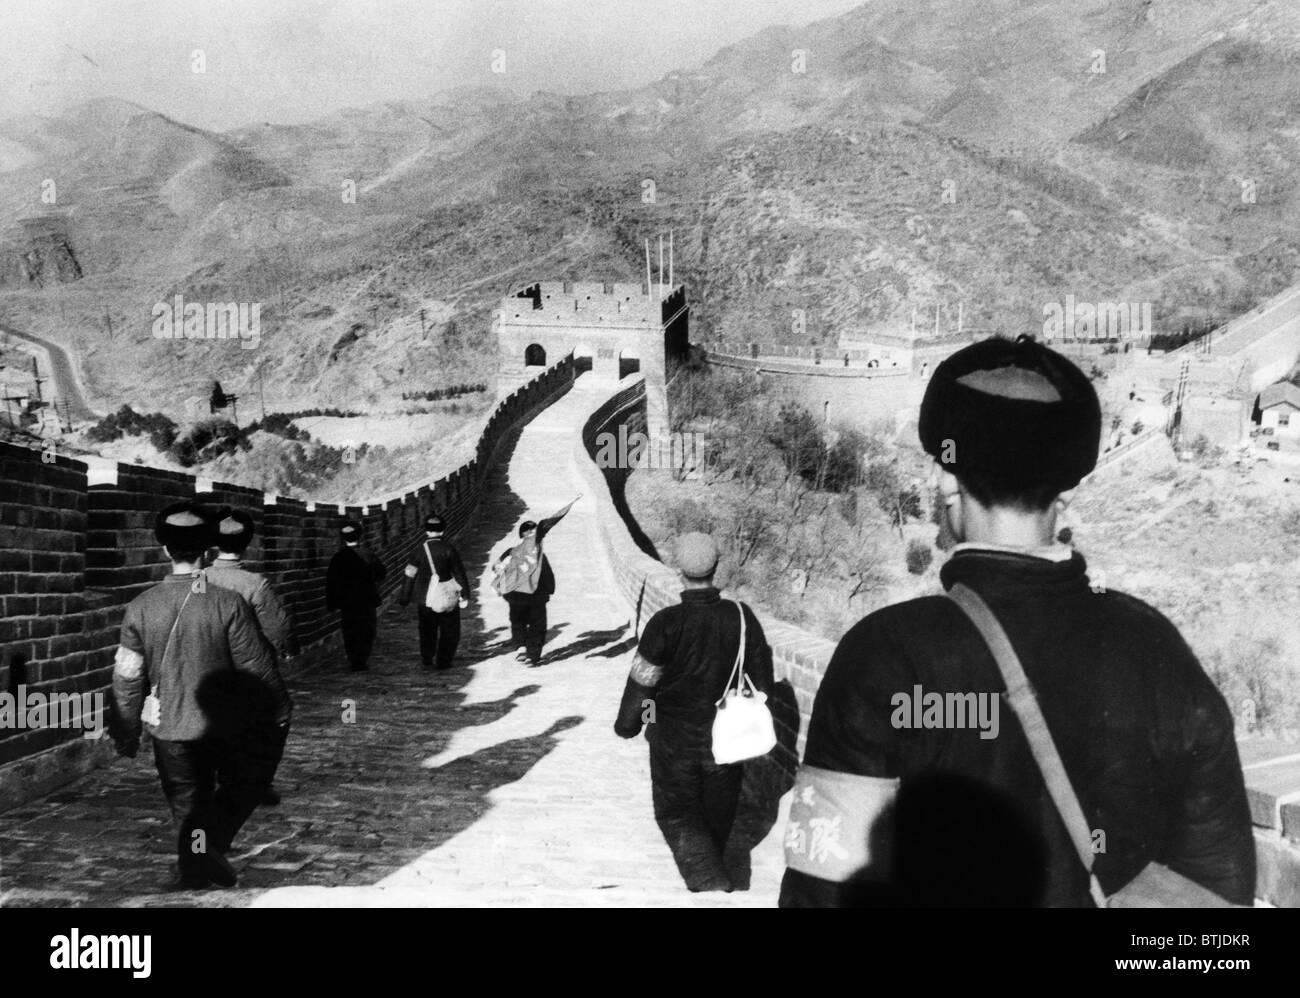 Membros da Mao Tse-tung guarda vermelha da pausa no grande muro no seu caminho para Pequim a partir de áreas rurais,Foto de Stock